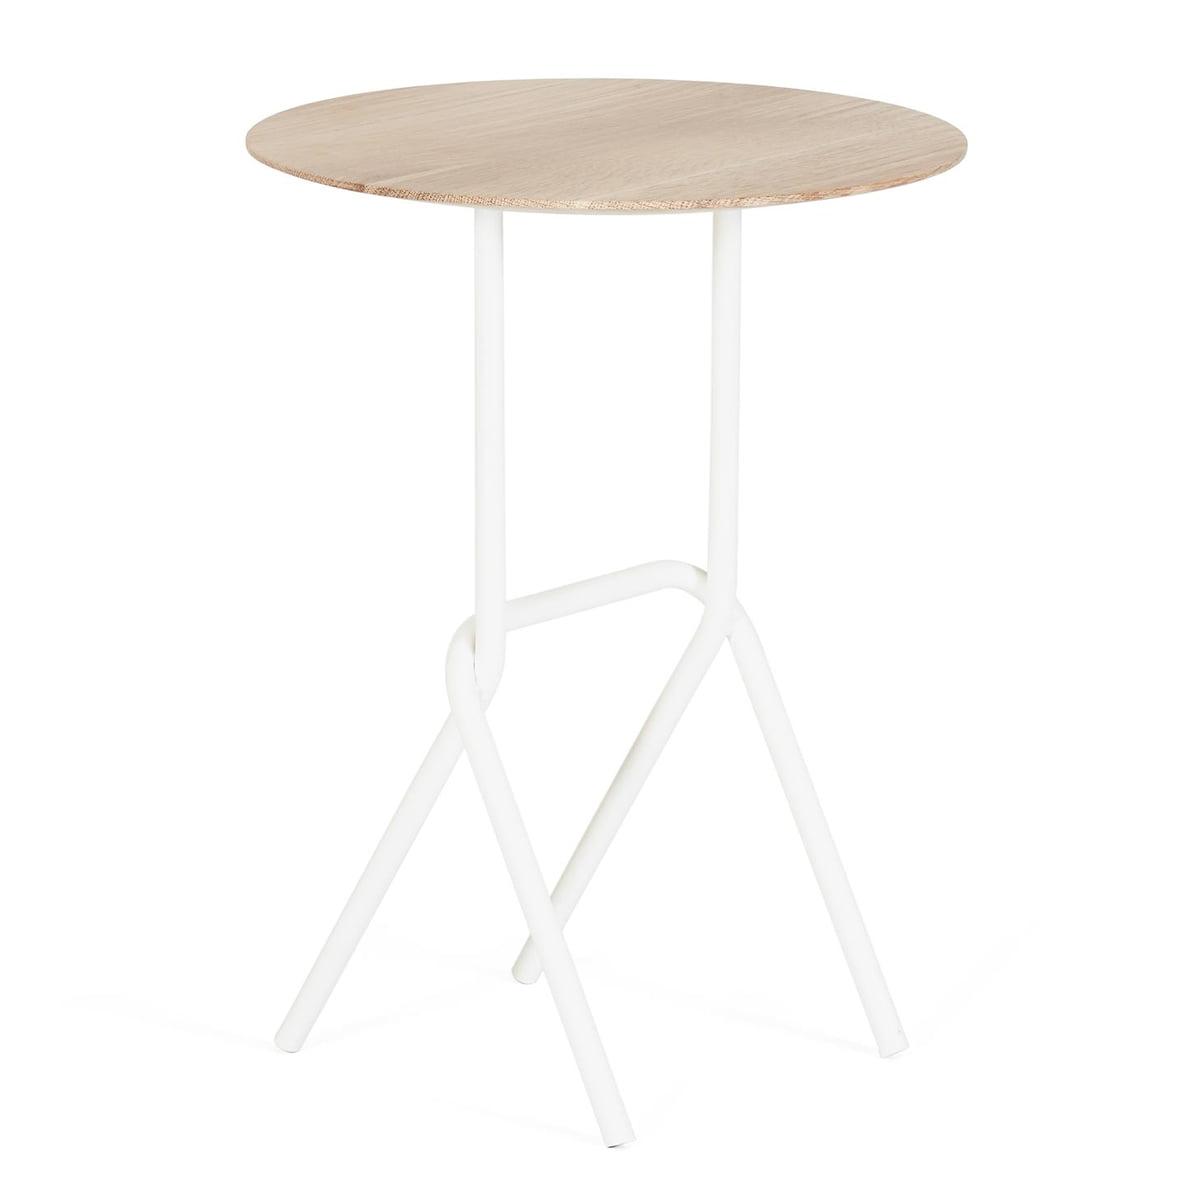 hart d sir beistelltisch 40 cm verkehrswei ral 9016 verkehrswei ral 9016 h 52. Black Bedroom Furniture Sets. Home Design Ideas